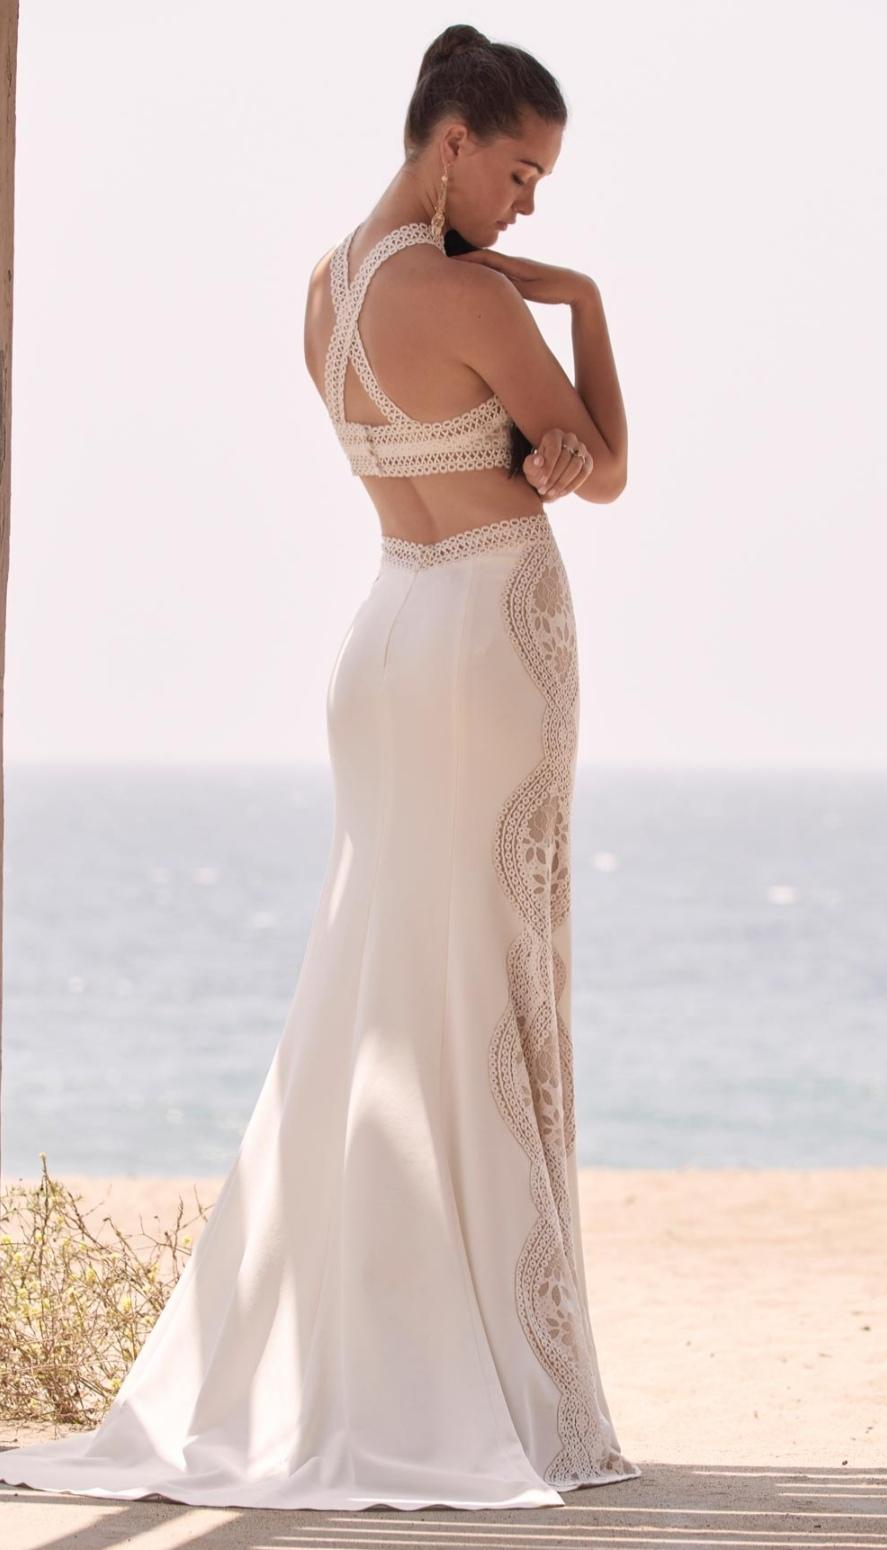 Boho lace wedding dress